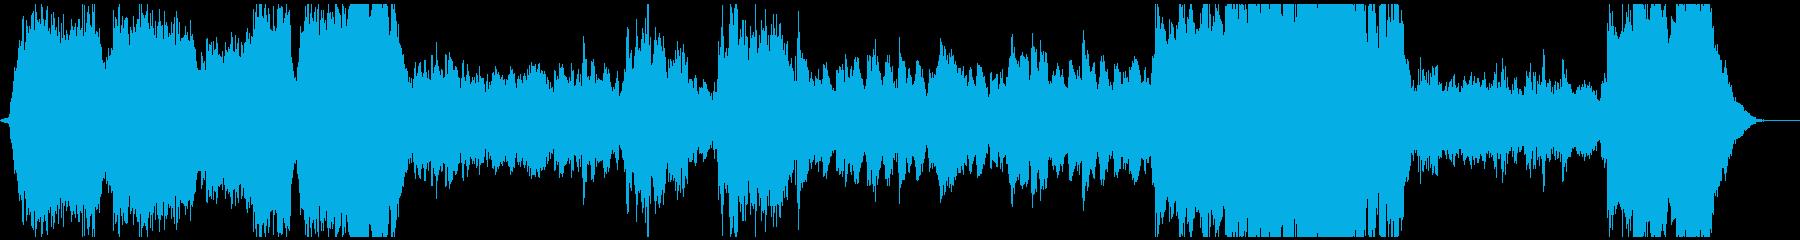 重厚なファンタジー系BGMの再生済みの波形